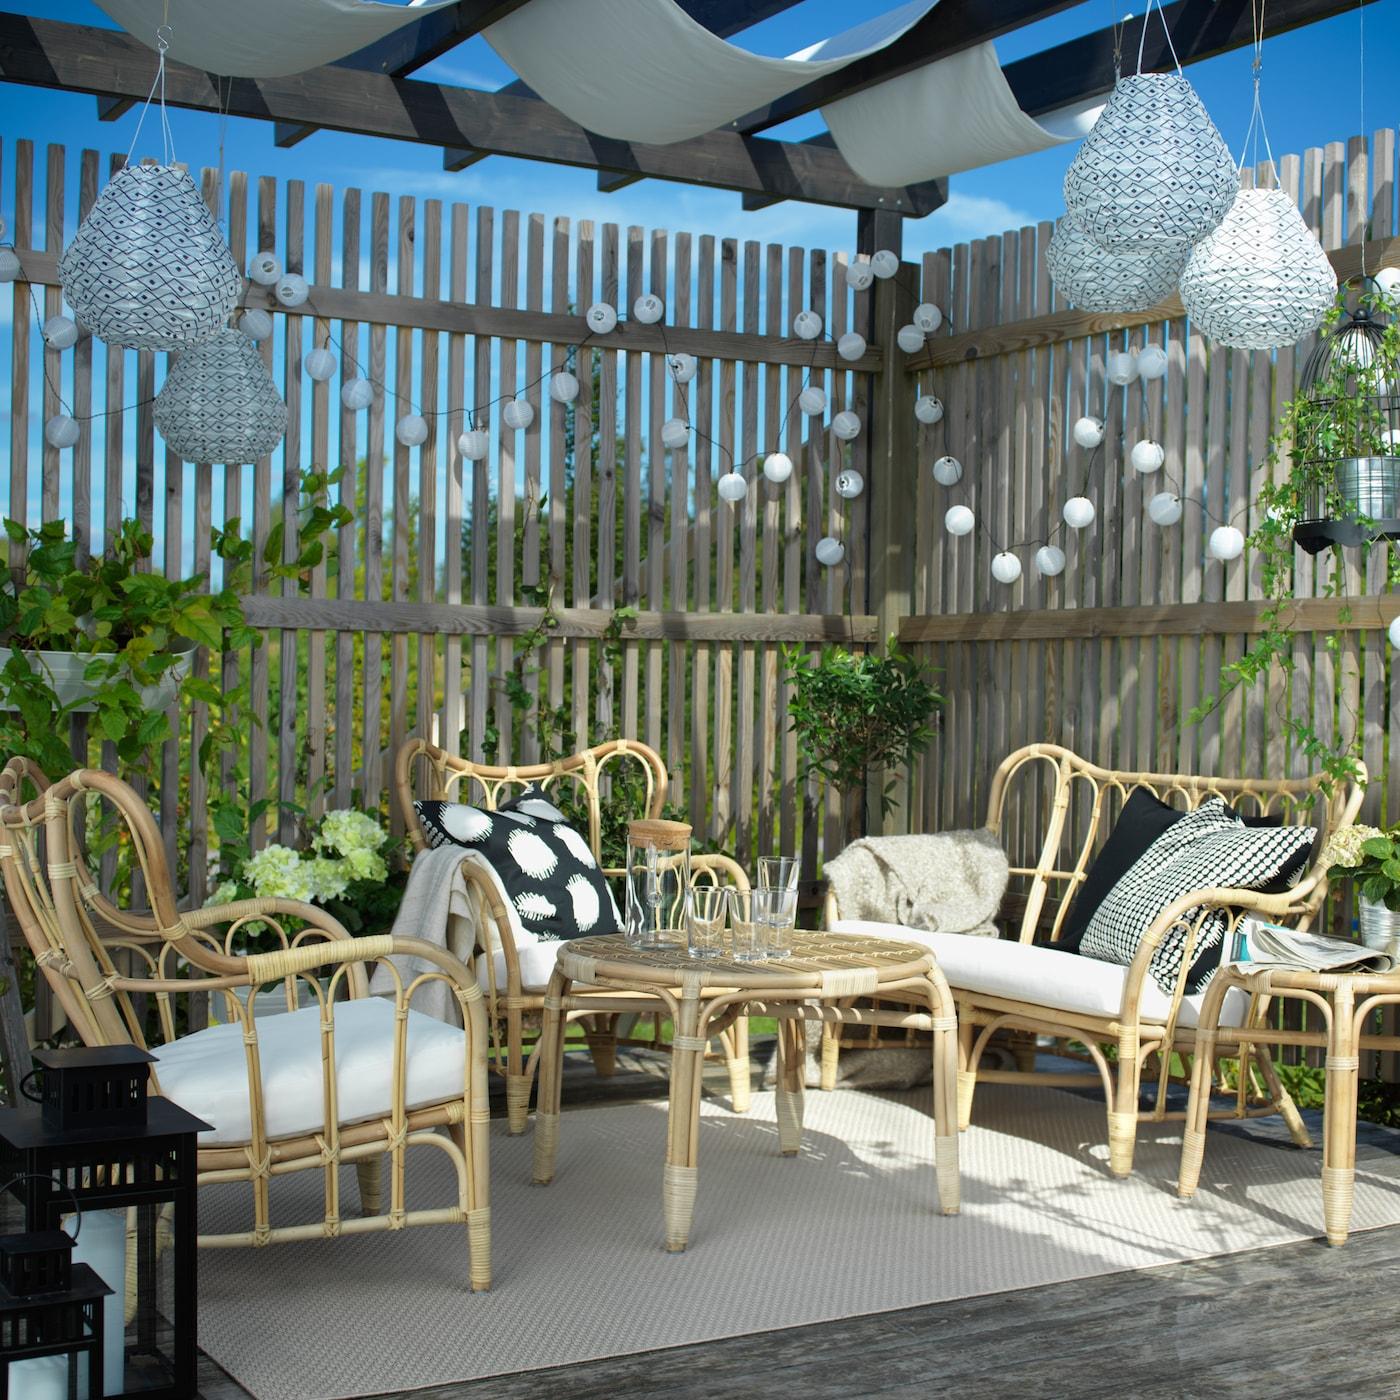 Eine überdachte Terrasse mit MASTHOLMEN Rattanmöbel für draußen